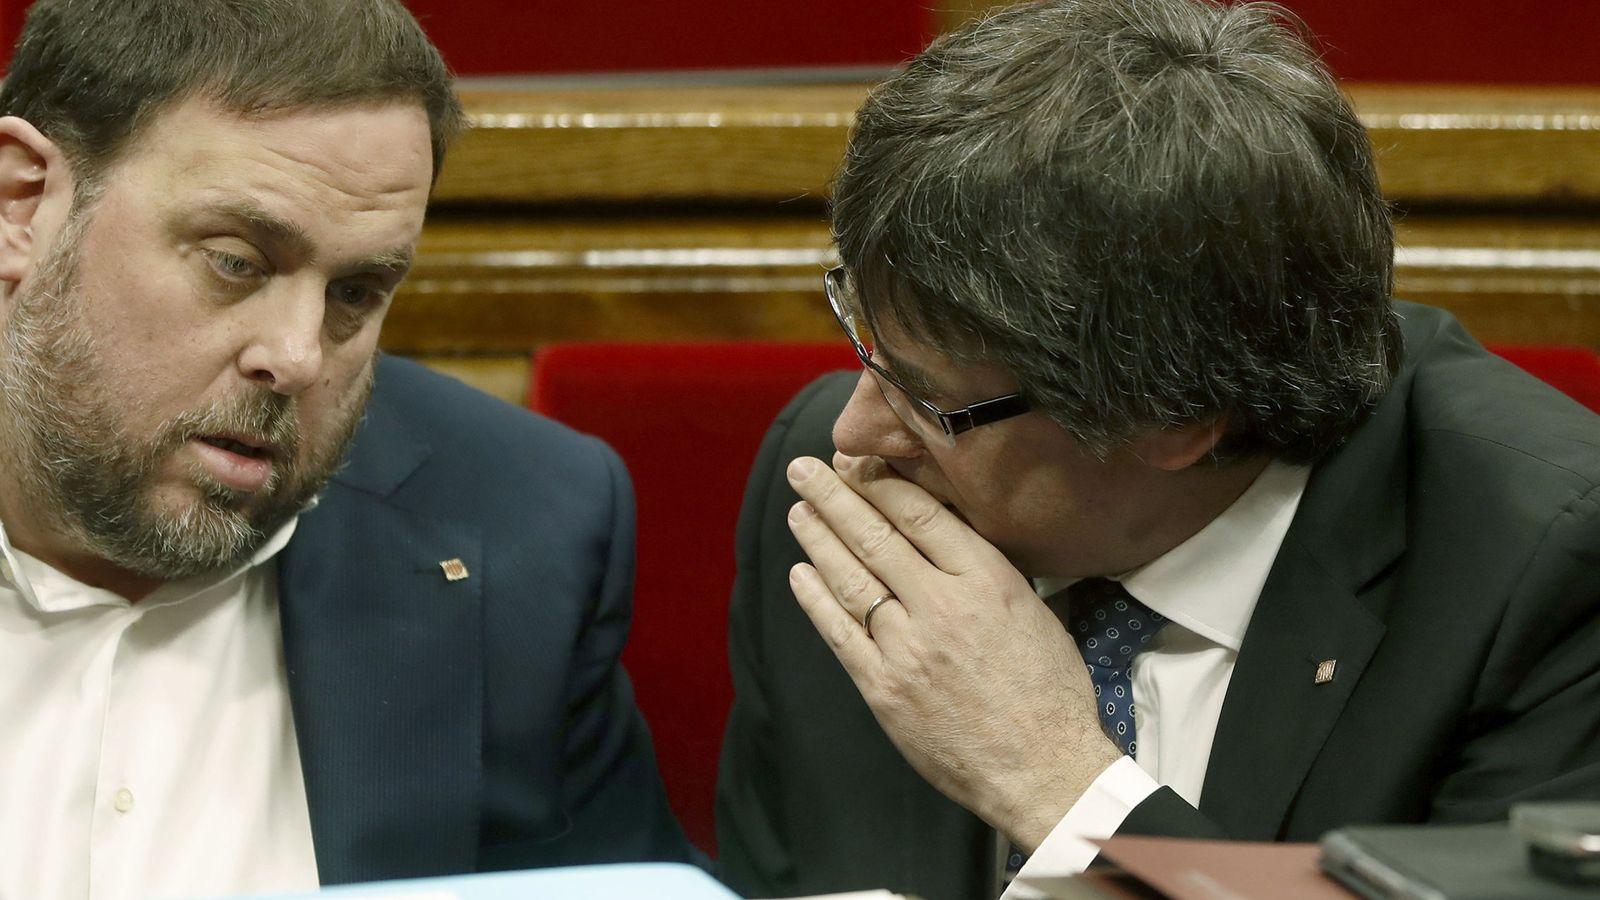 Foto: El presidente de la Generalitat de Cataluña, Carles Puigdemont, conversa con el vicepresidente, Oriol Junqueras. (Efe)